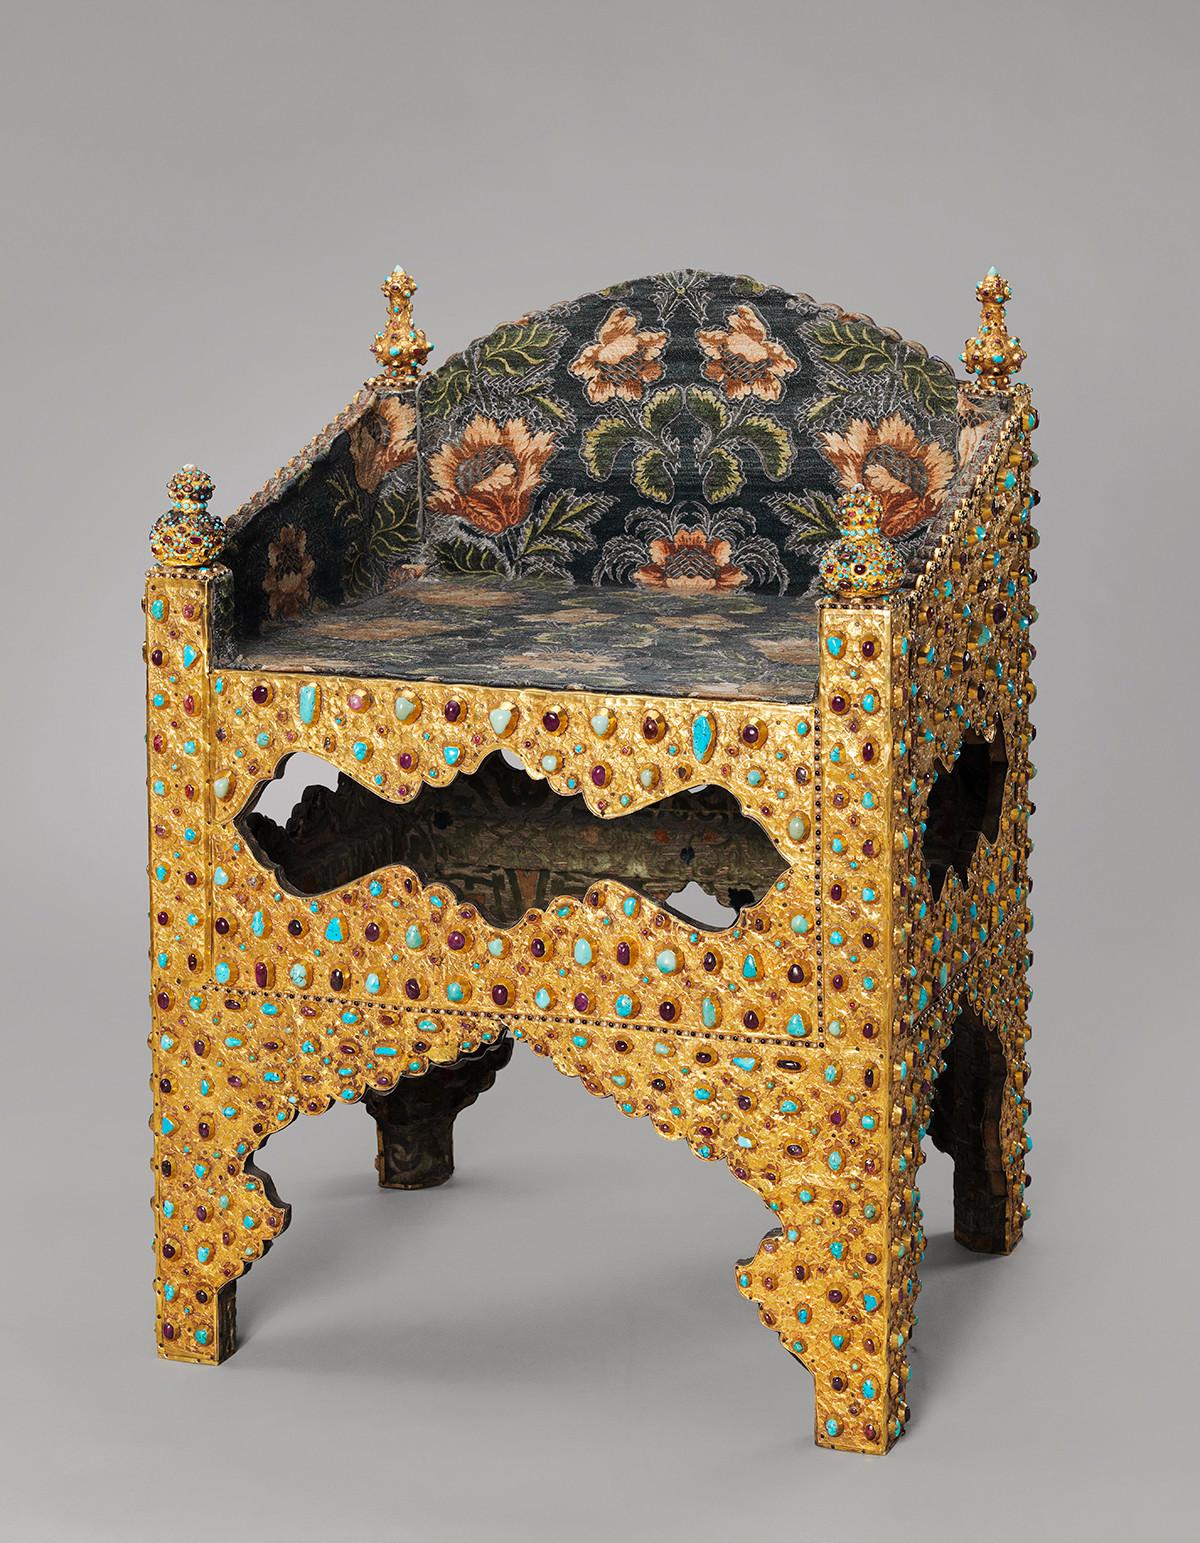 Trône, fin XVIe - début XVIIe siècle. Don du cinquième shah safavide de l'Iran Abbas Ier le Grand au tsar Boris Godounov, en 1604